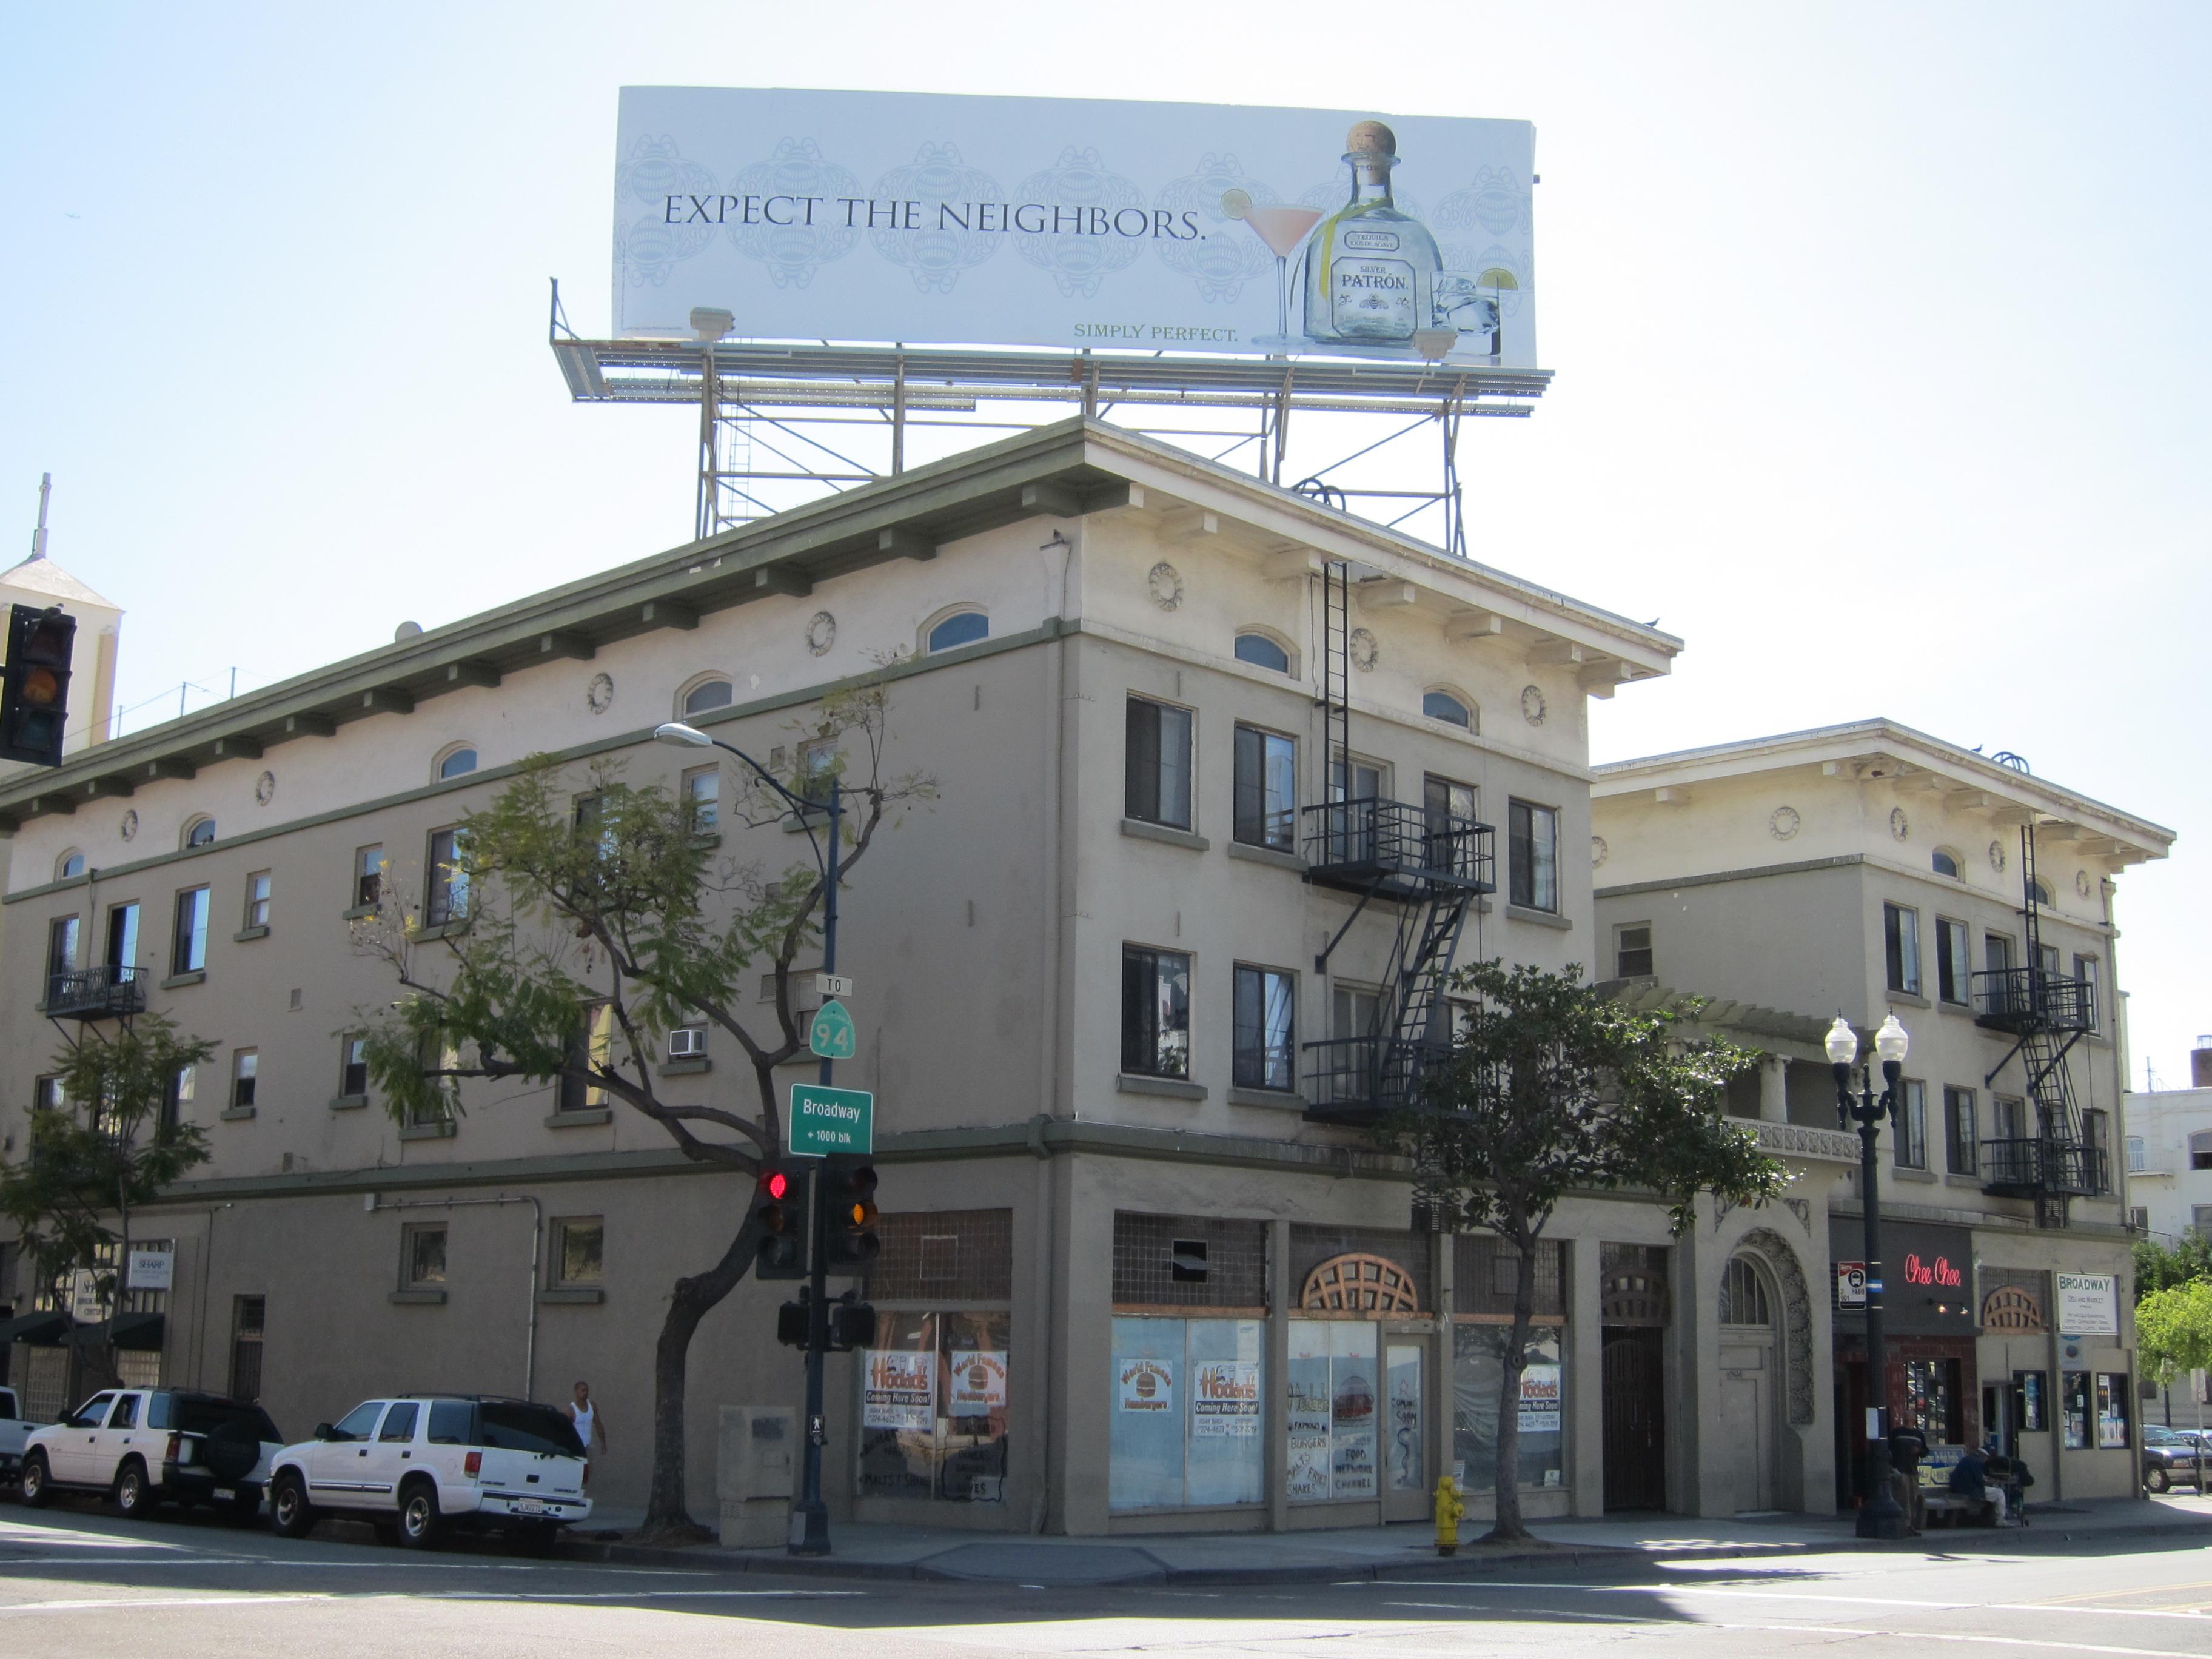 Hodad's downtown San Diego